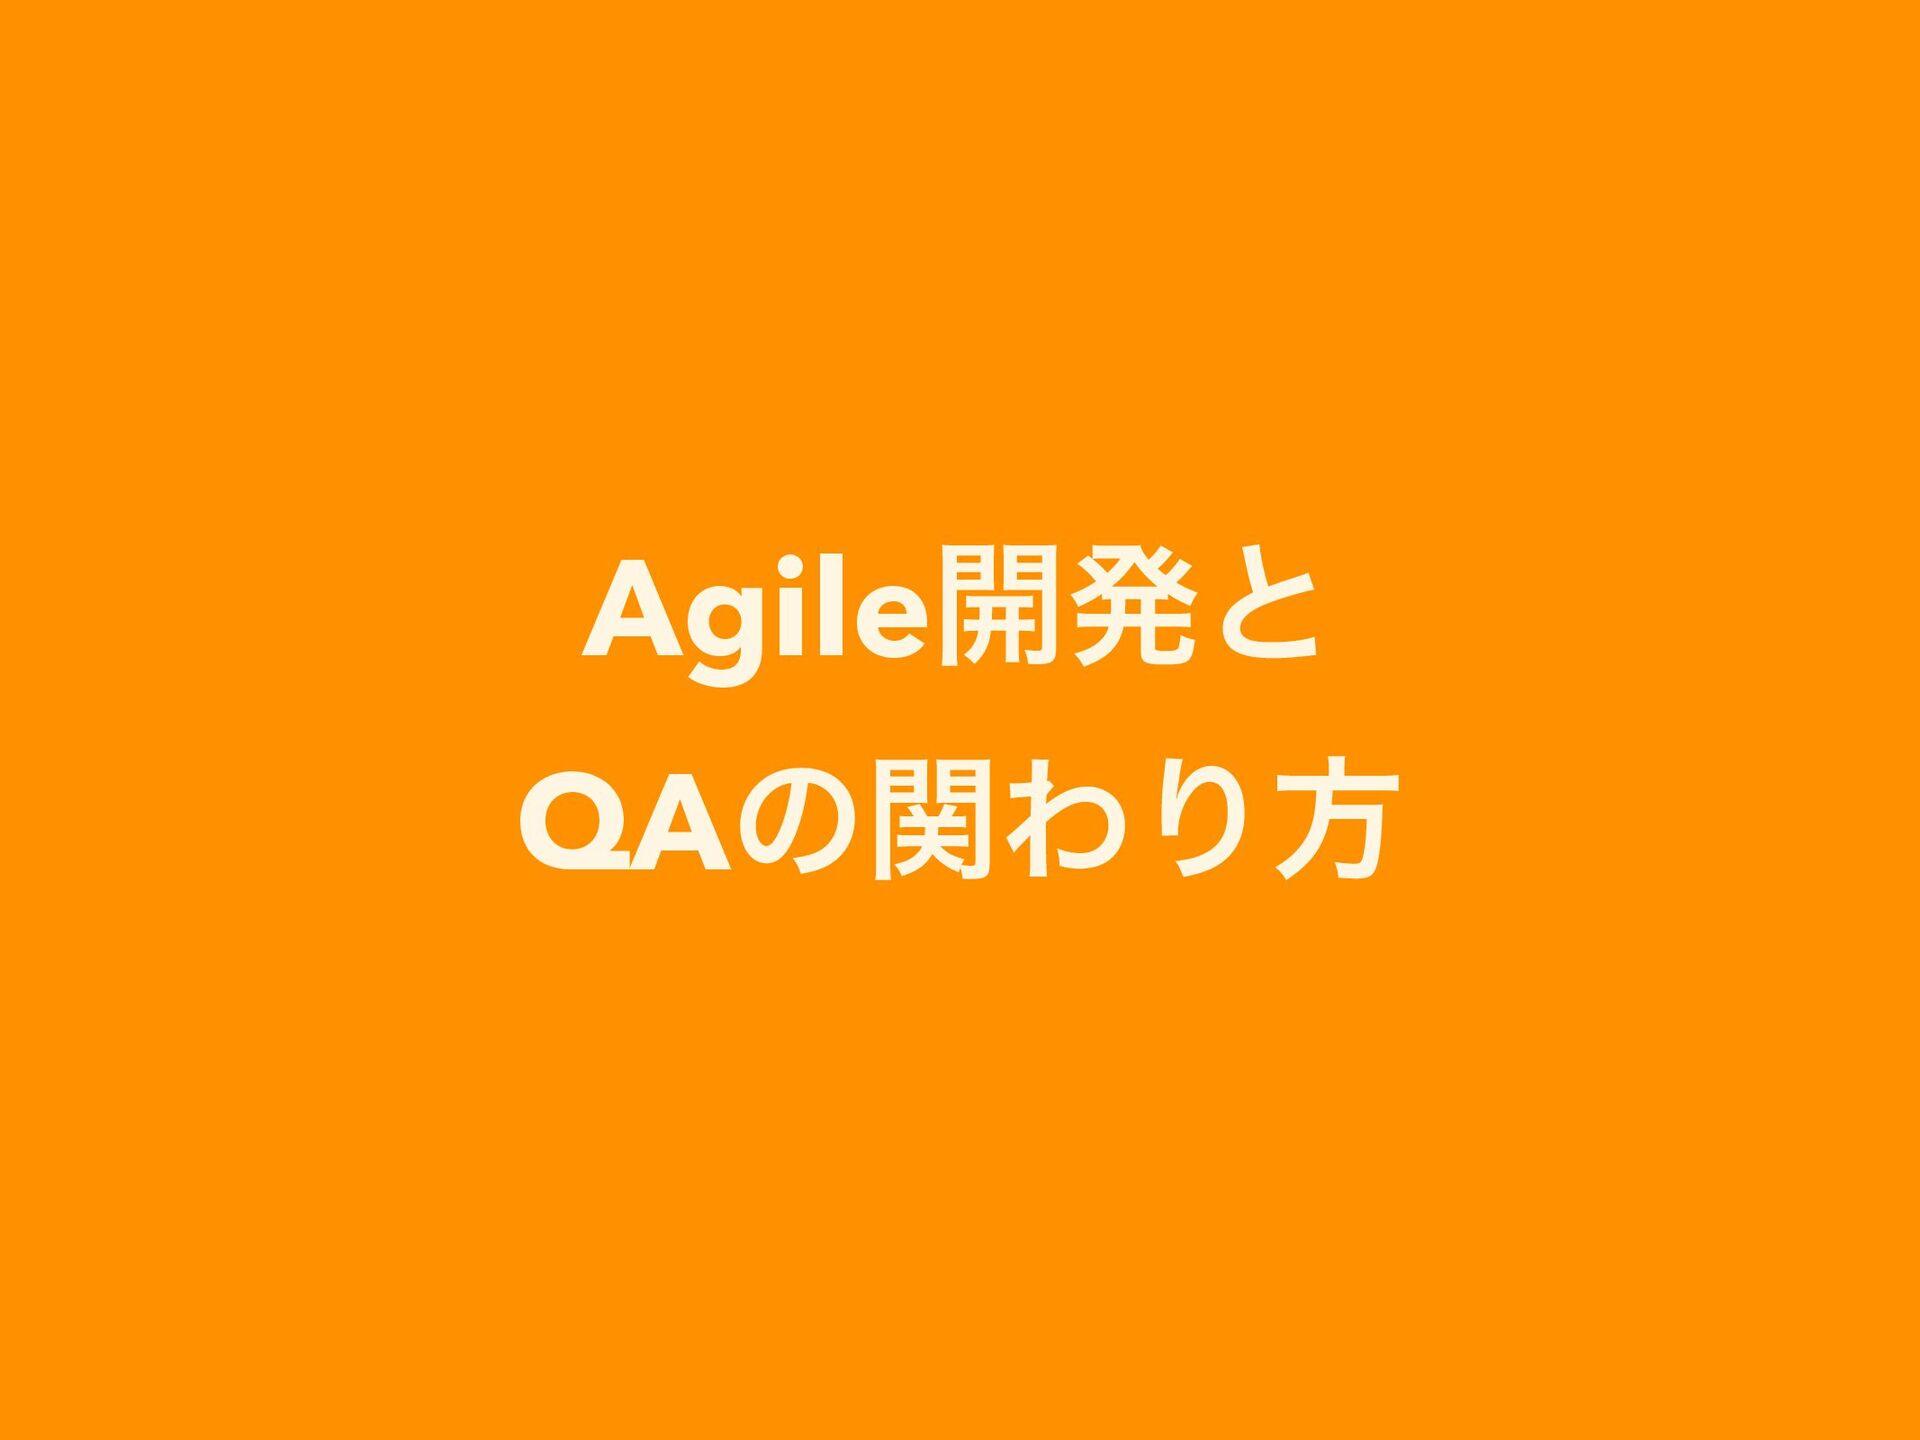 Agile։ൃͱ QAͷؔΘΓํ